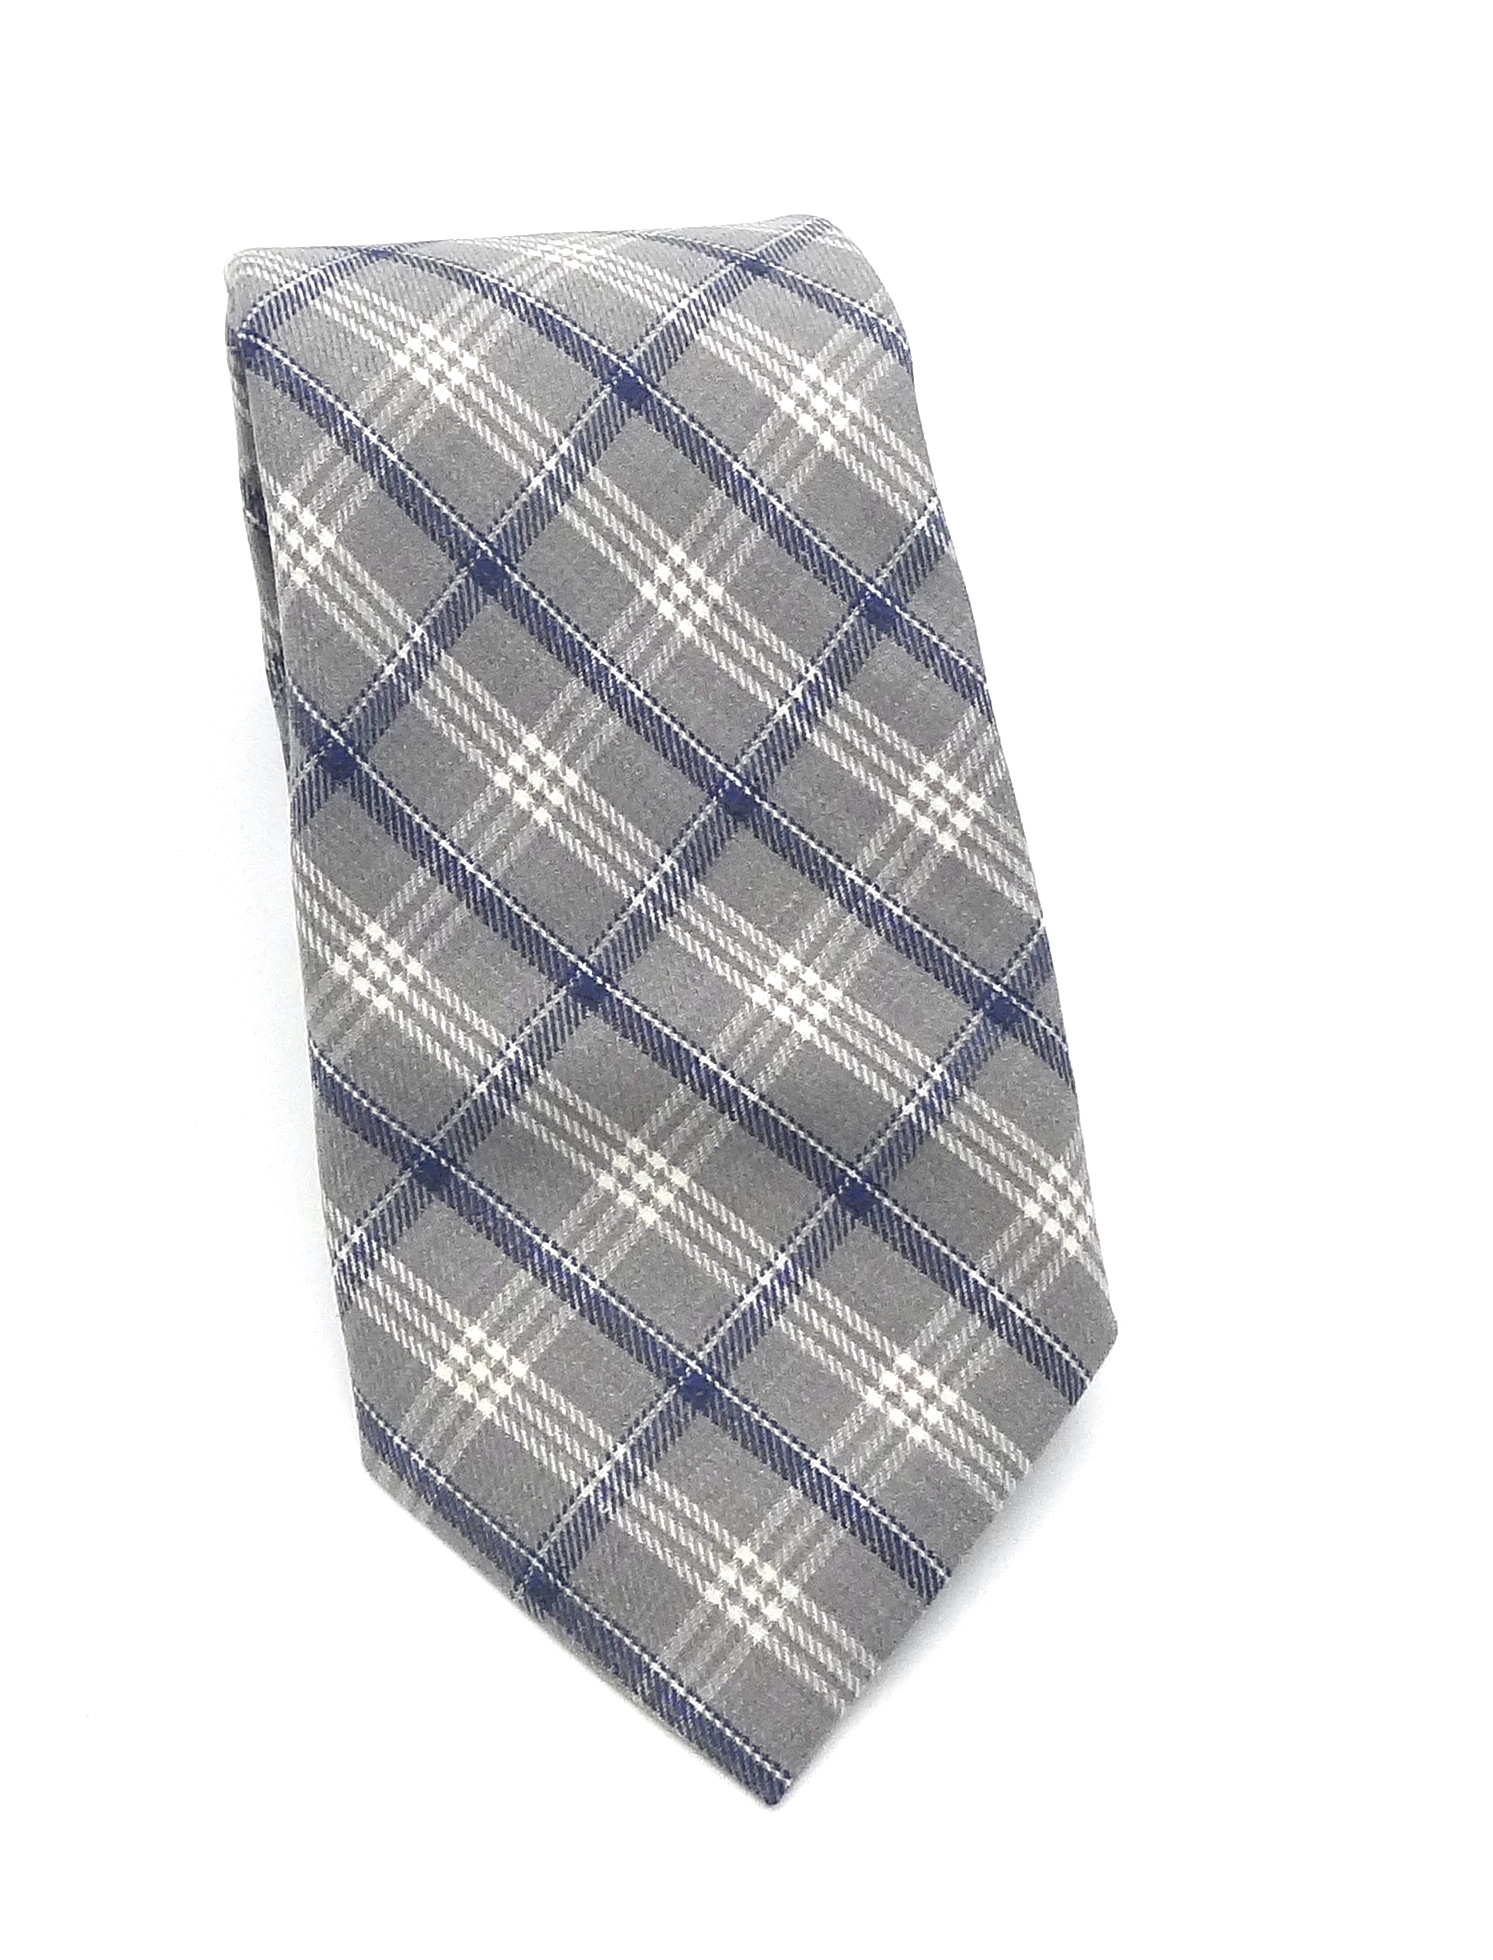 Stropdas grijs en blauwe ruit met donkerblauw pochet